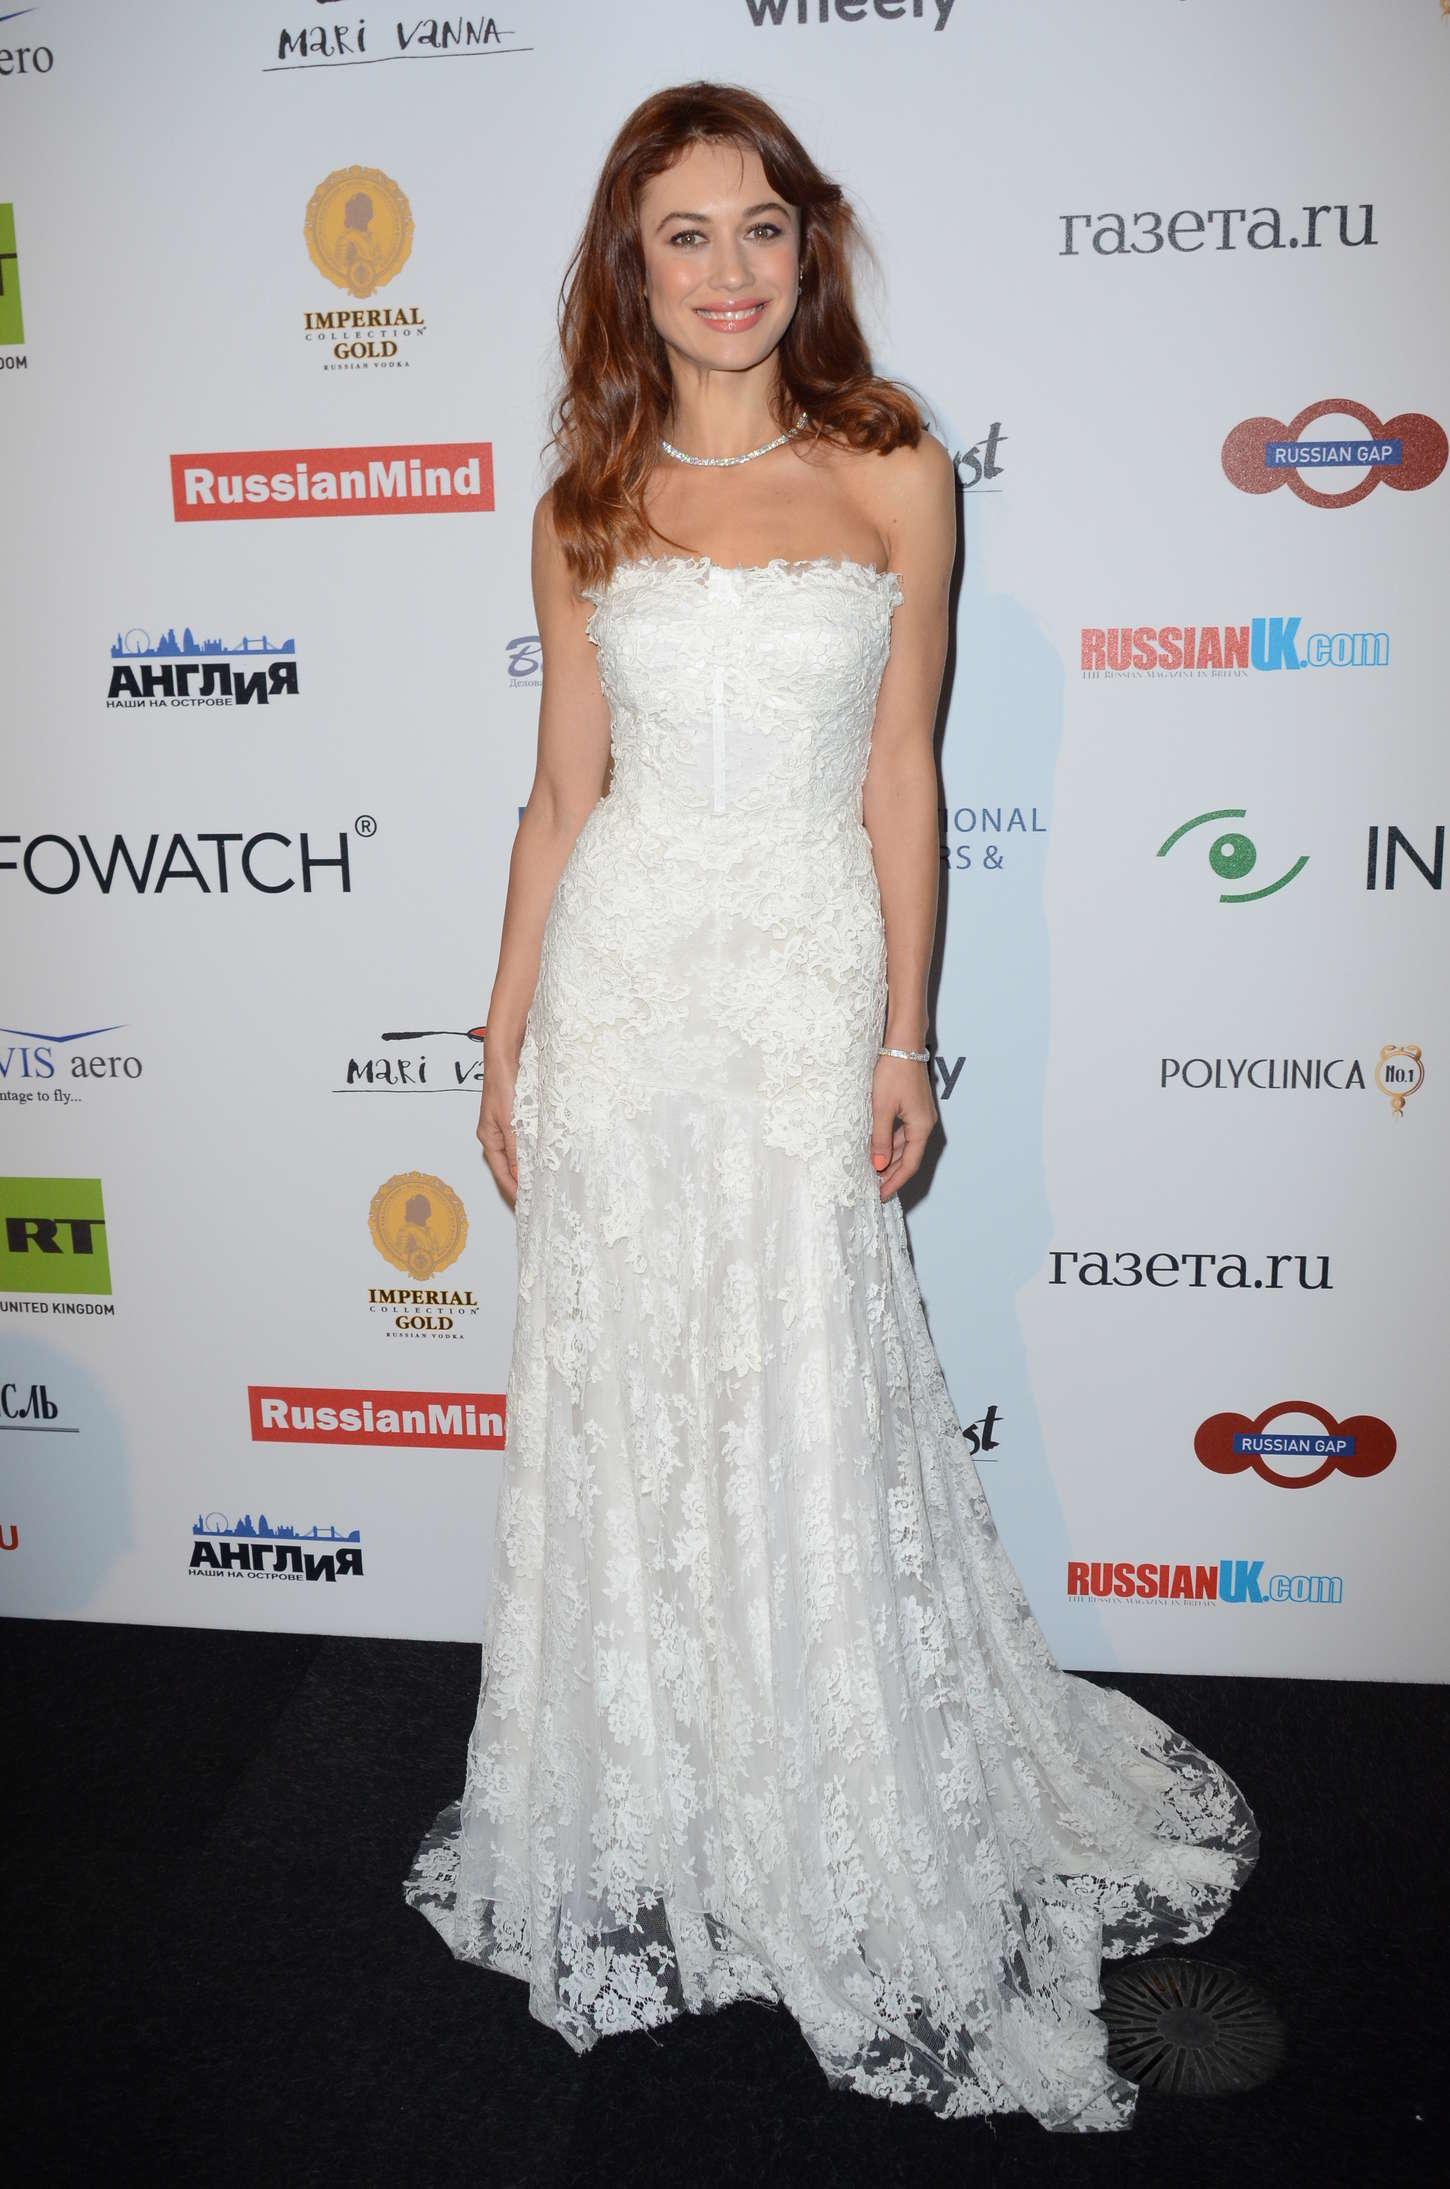 Olga Kurylenko 2014 : Olga Kurylenko: 2014 Russian Ball in London -06